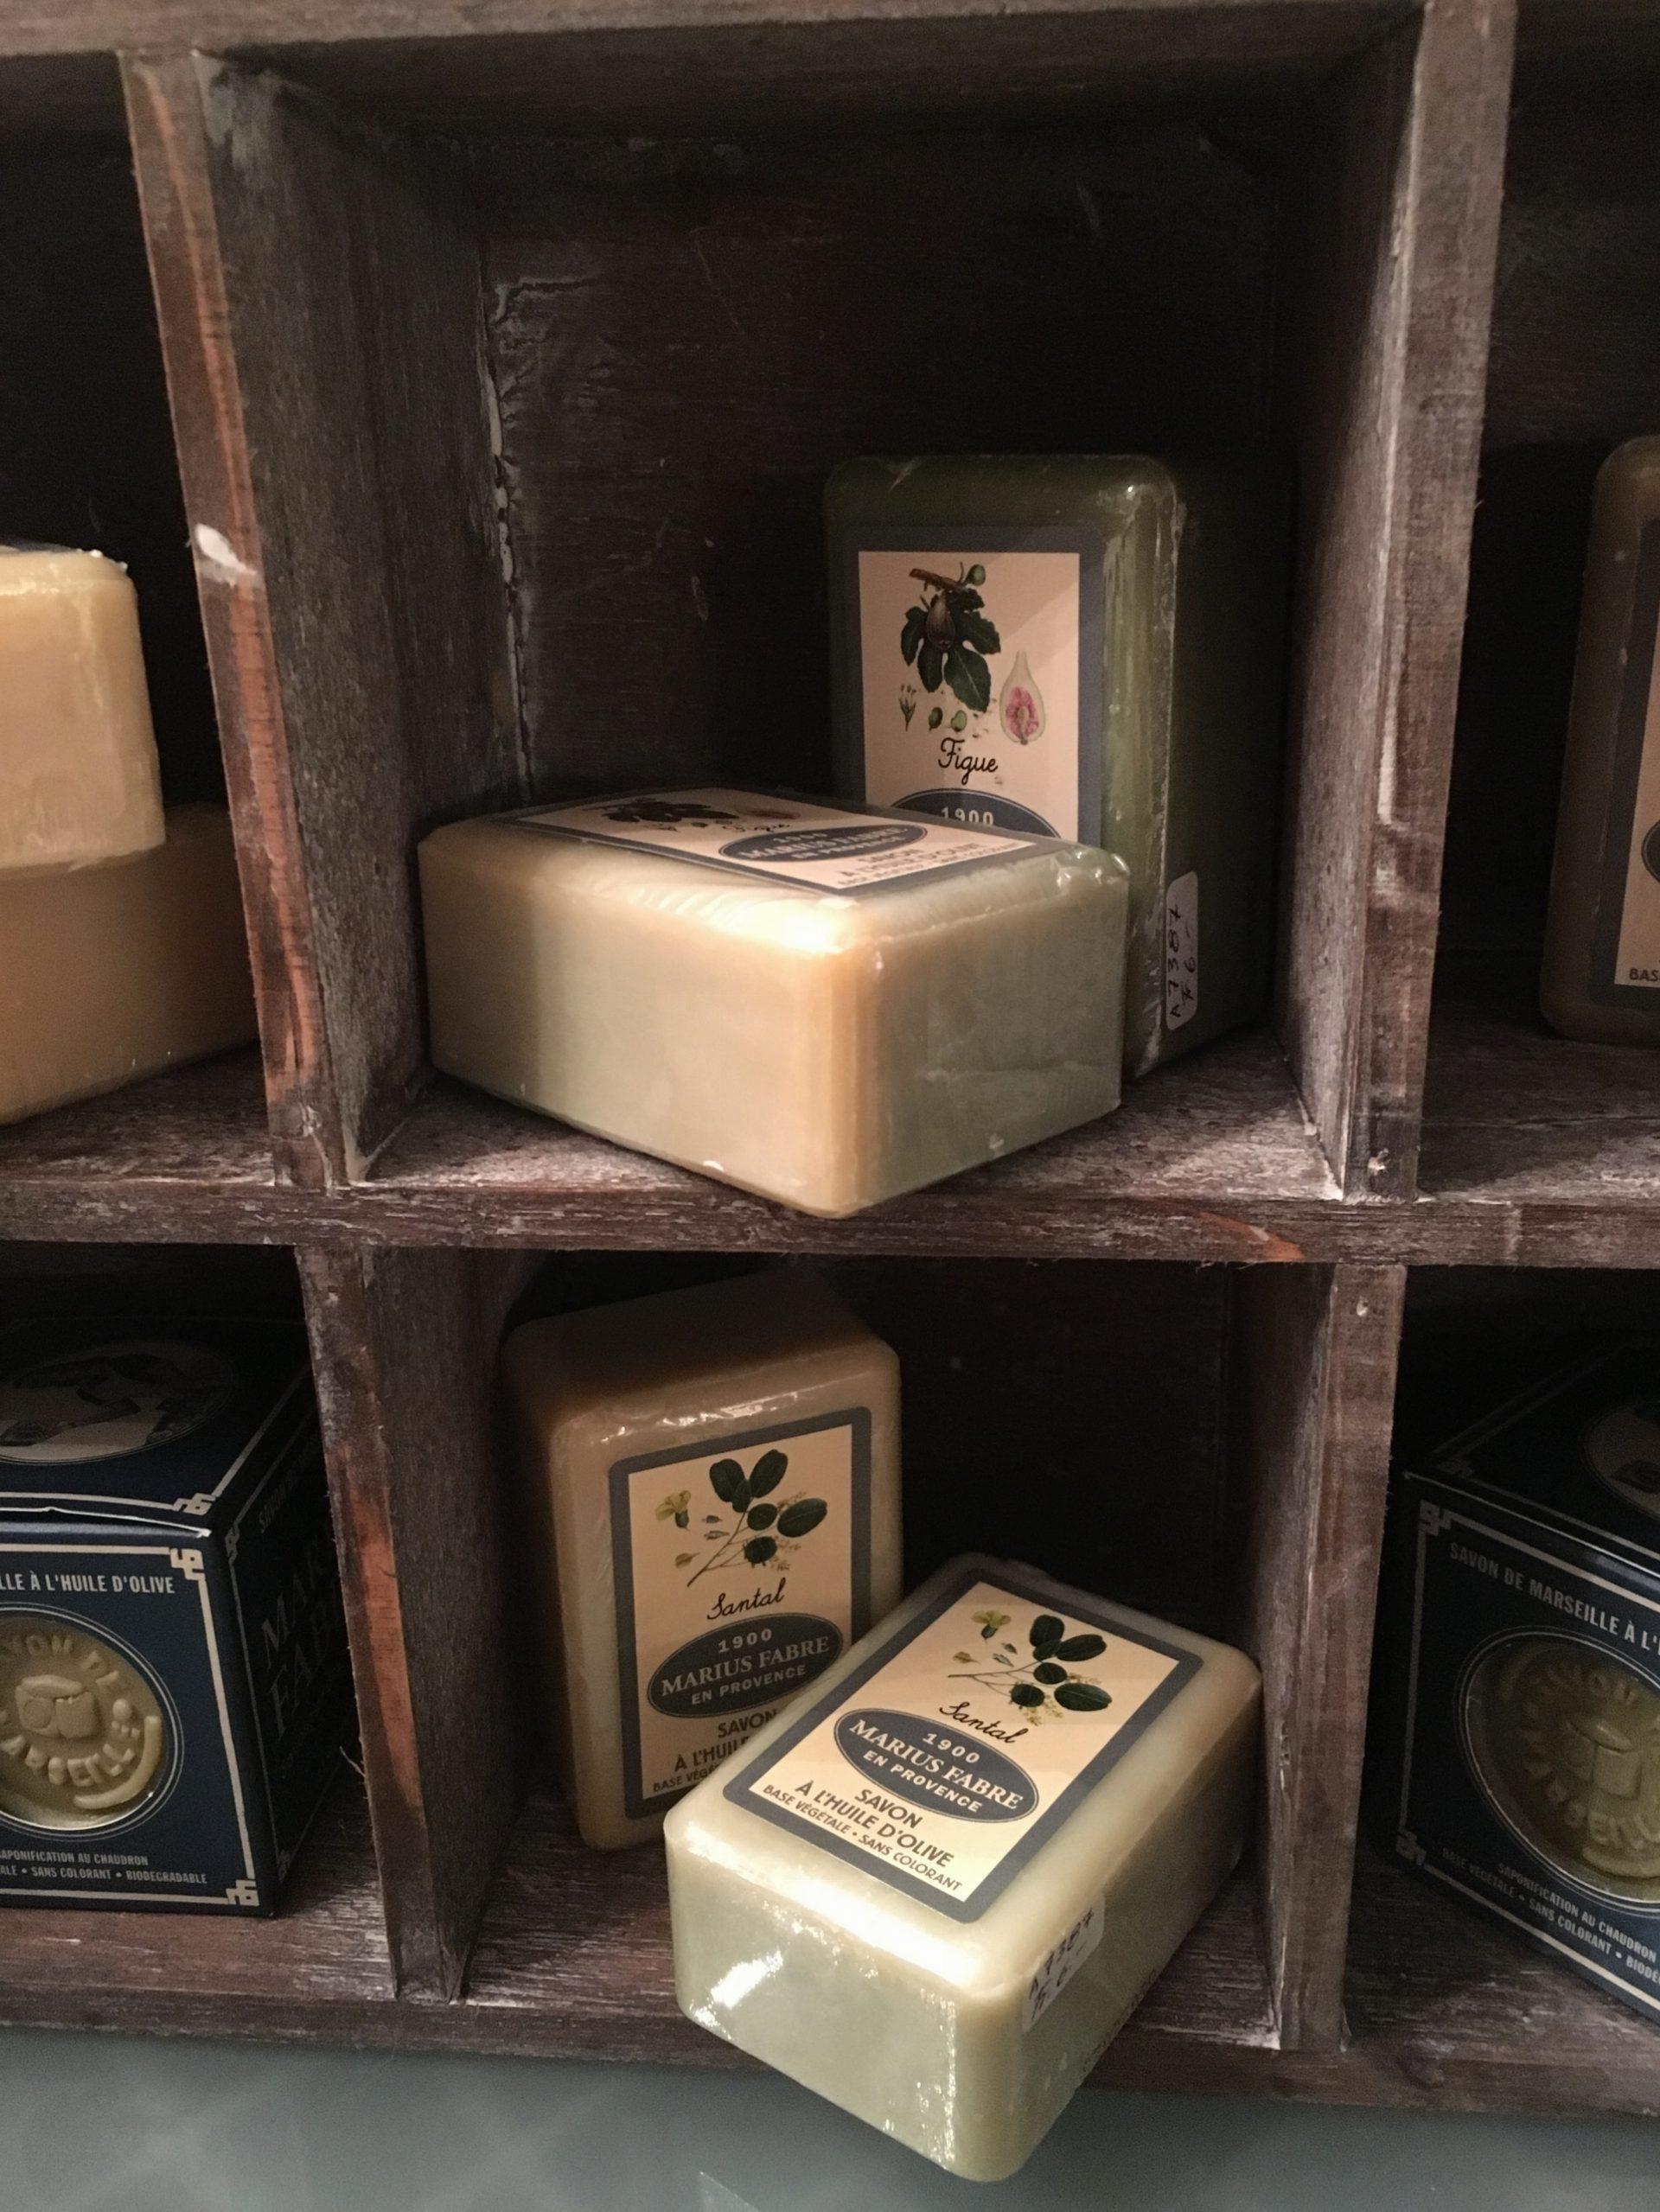 Prodotti corpo all'olio di oliva e sapone di marsiglia